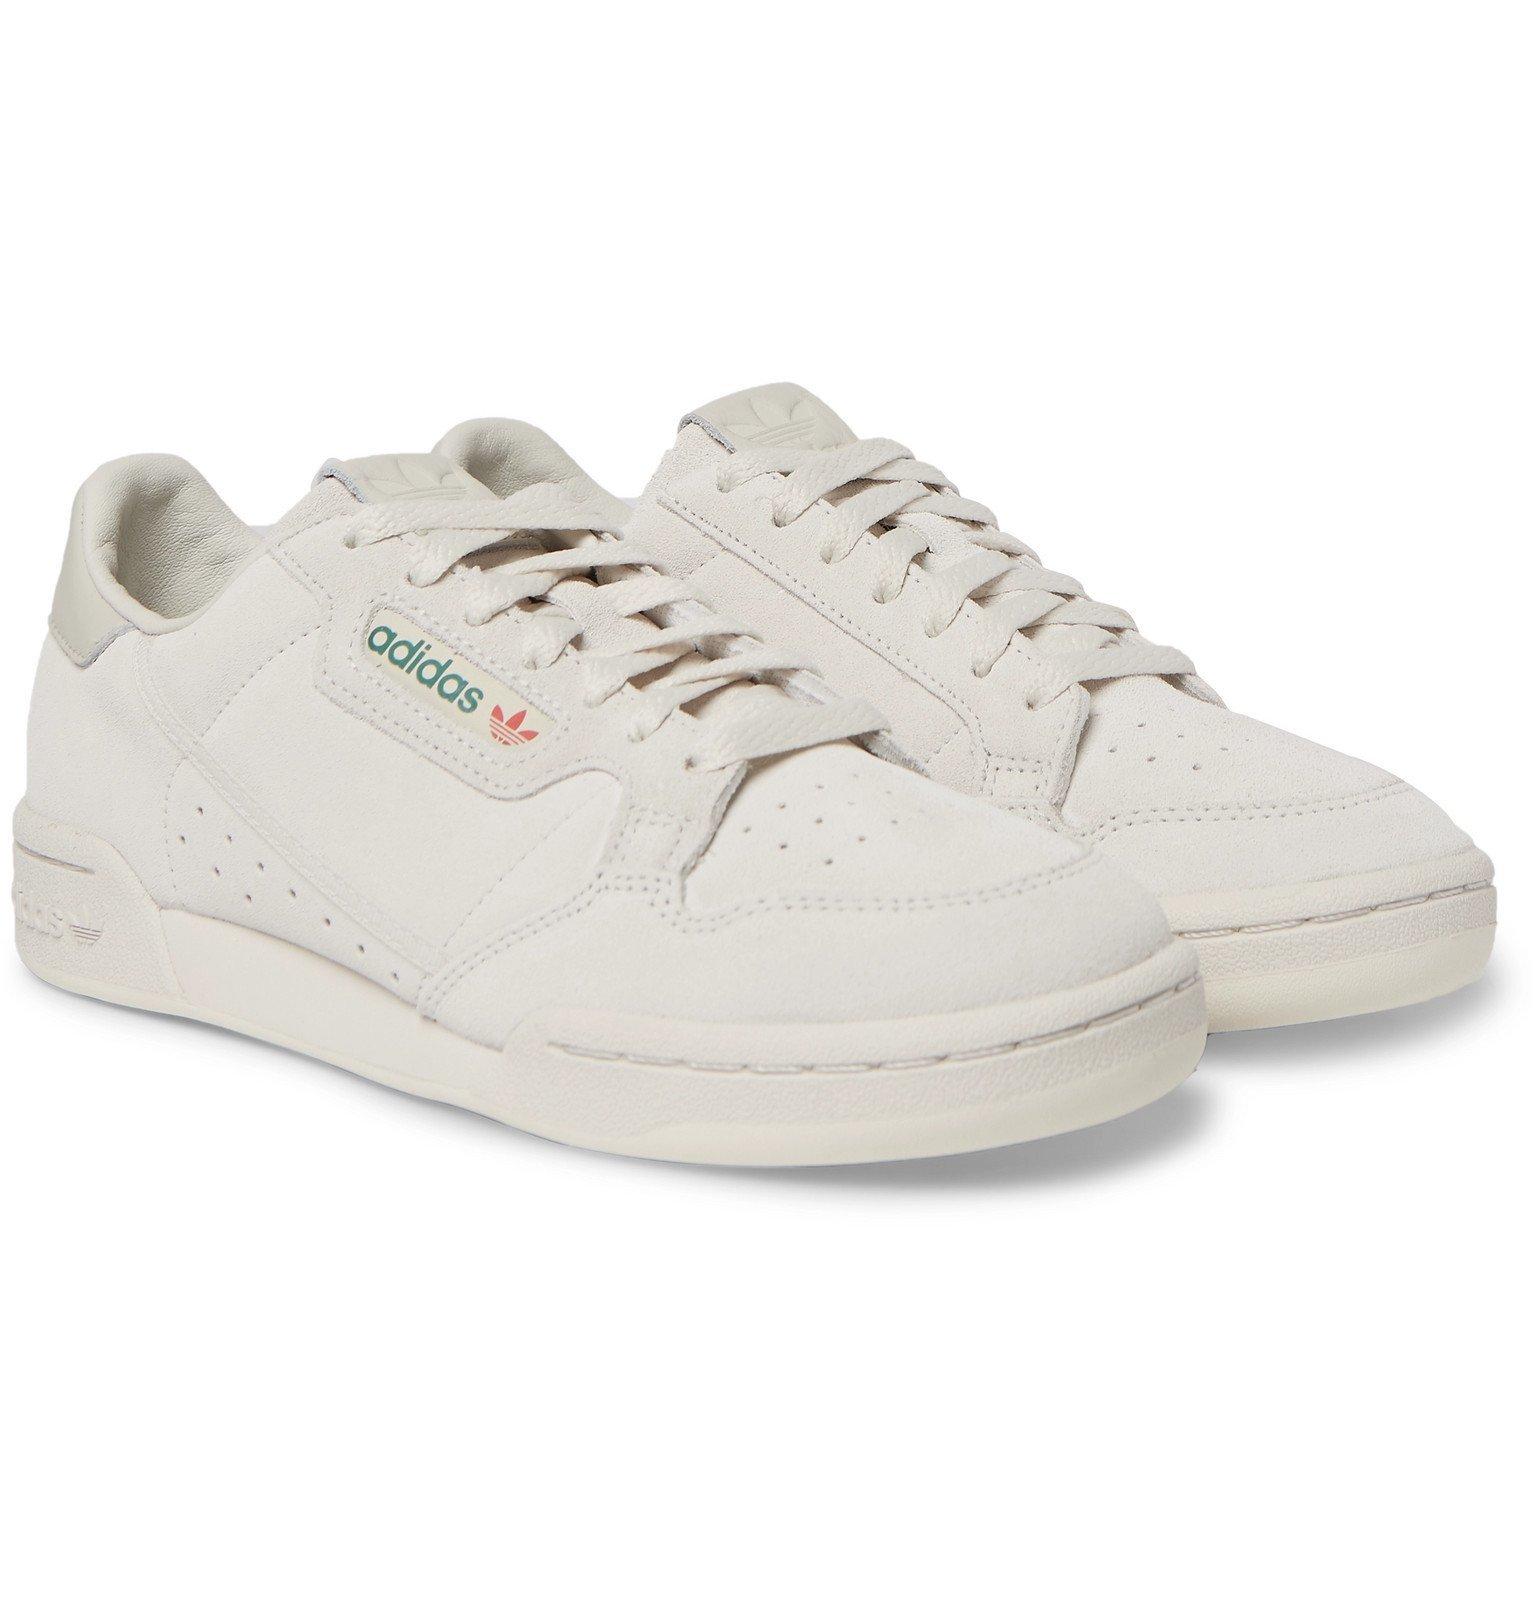 adidas Originals - Continental 80 Suede Sneakers - Gray